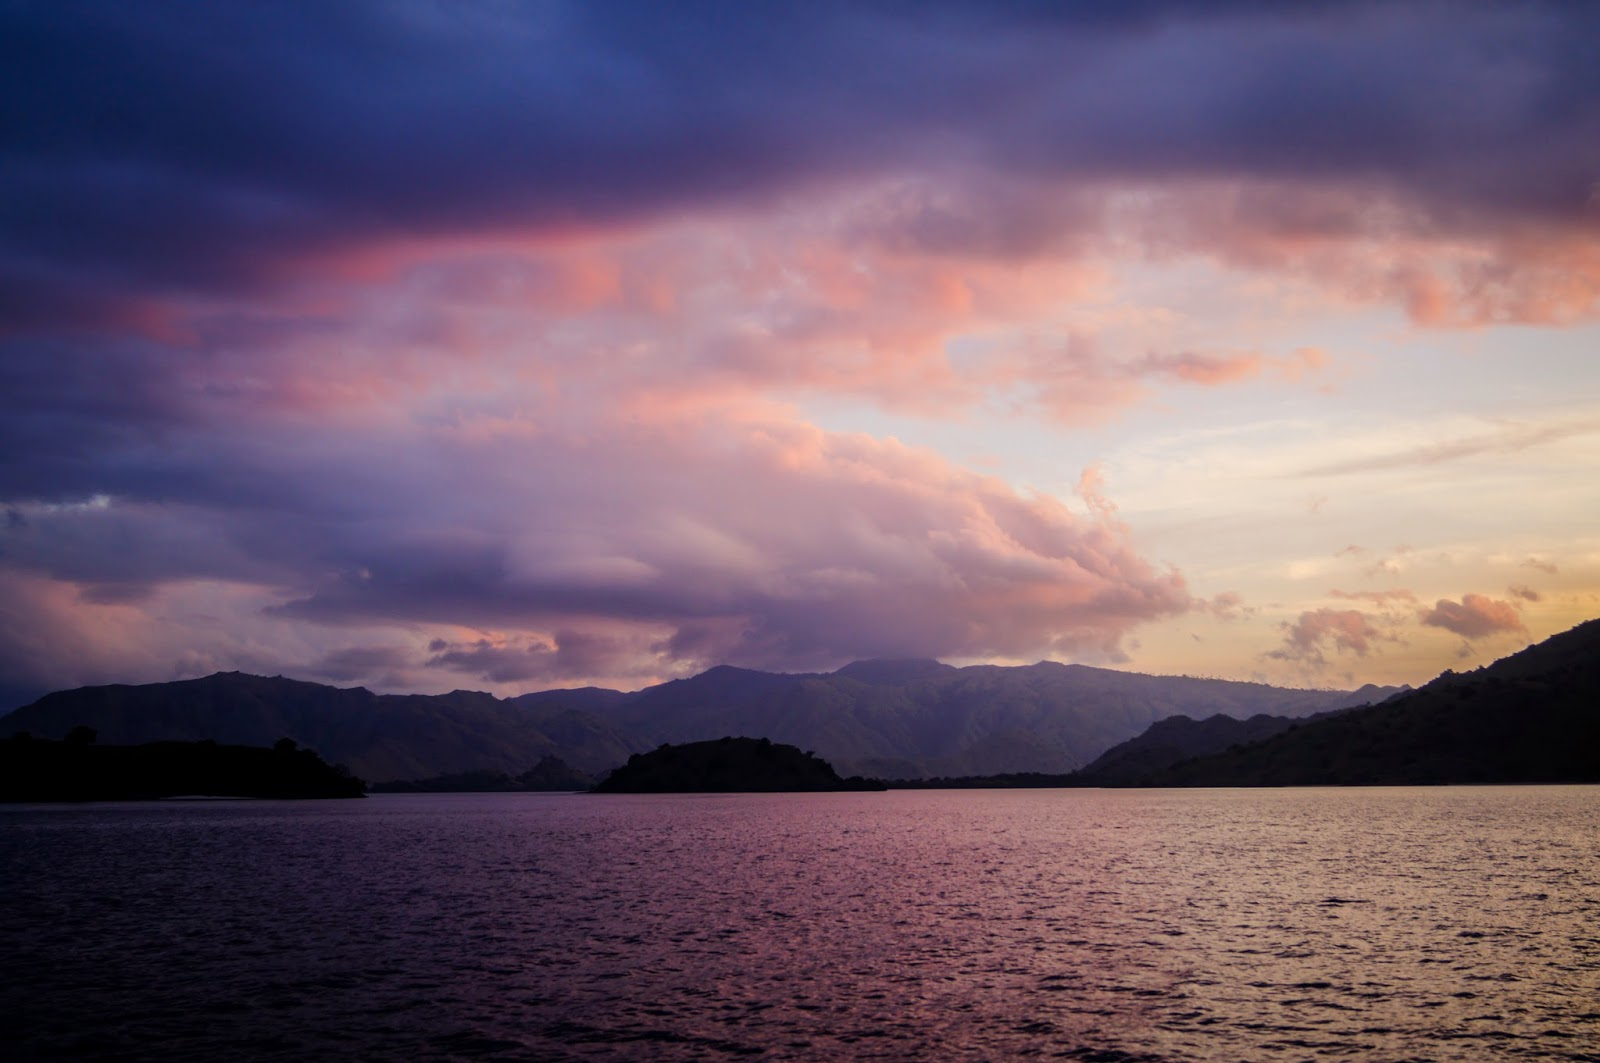 Atardecer en las islas Komodo